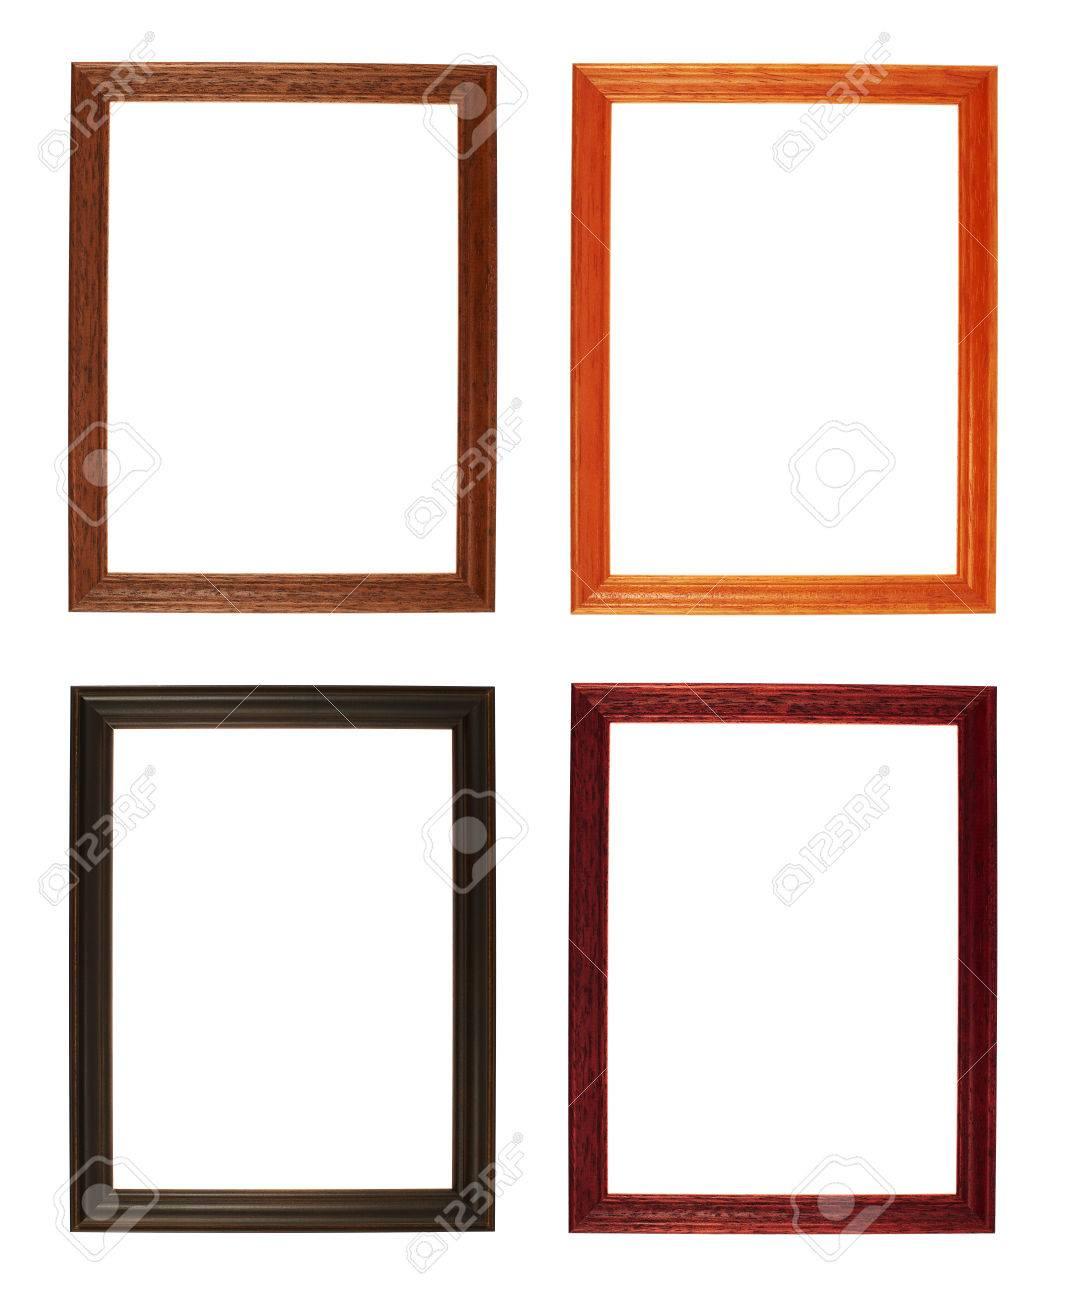 Fotolijst A4 Formaat.A4 Formaat Lege Copyspace Fotolijst Geisoleerd Over De Witte Achtergrond Set Van Vier Verschillende Houtmaterialen